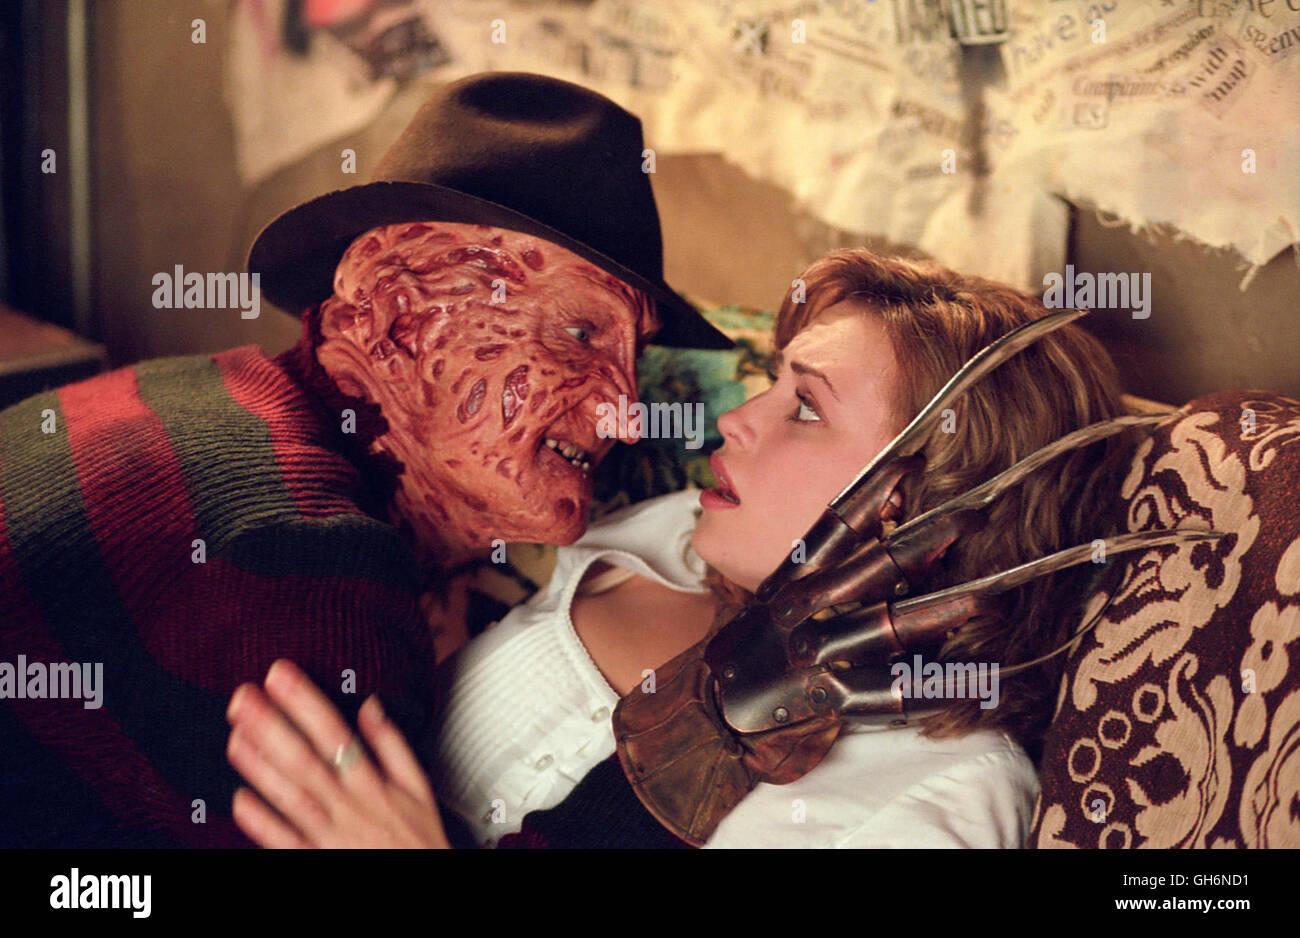 Freddy Vs Jason Usa 2003 Ronny Yu Freddy Krueger Robert